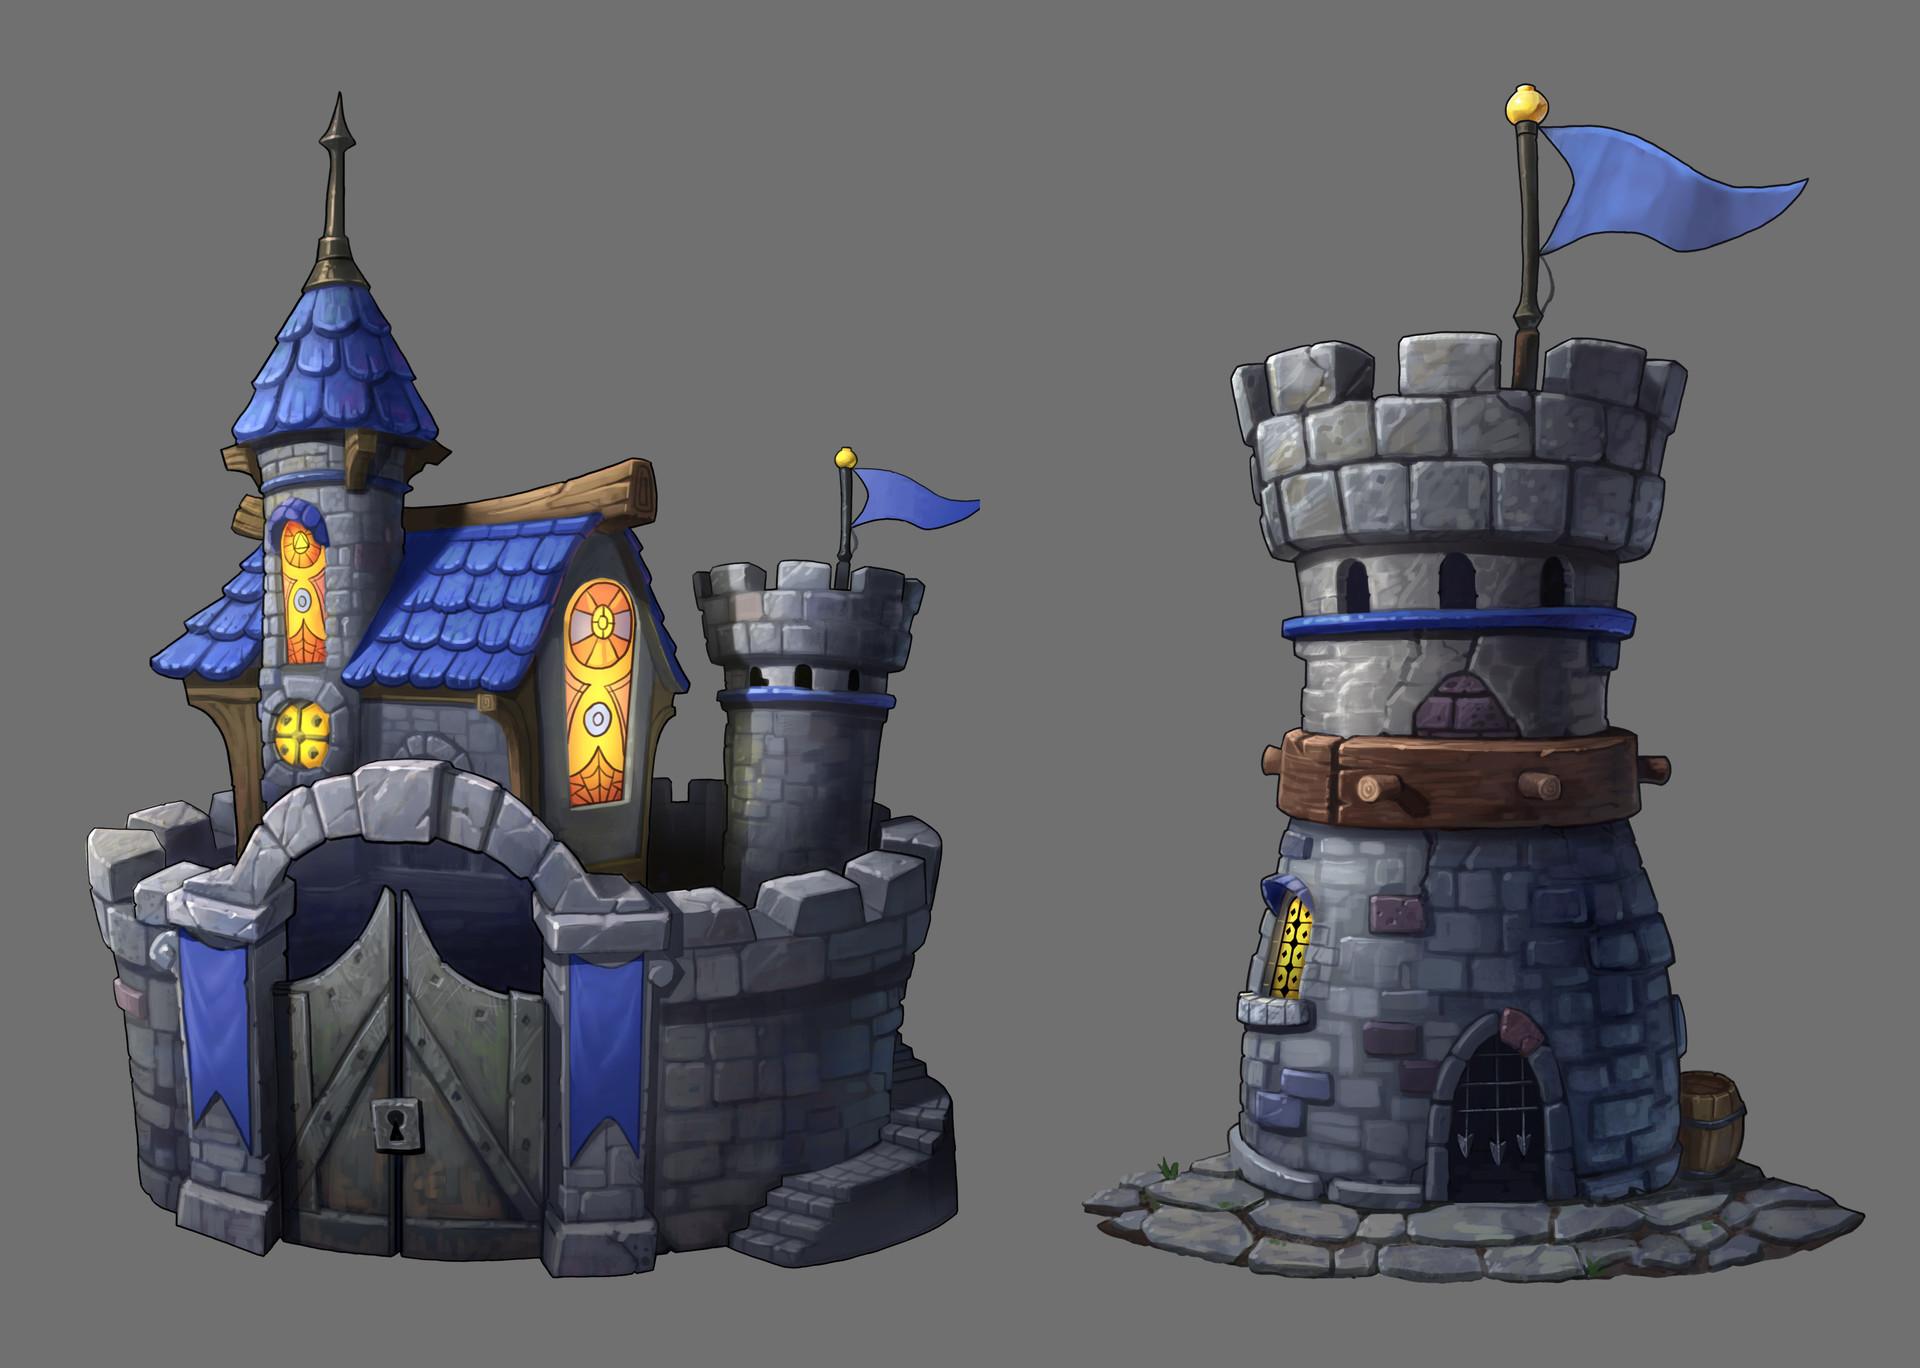 Lloyd hoshide bluebuildings